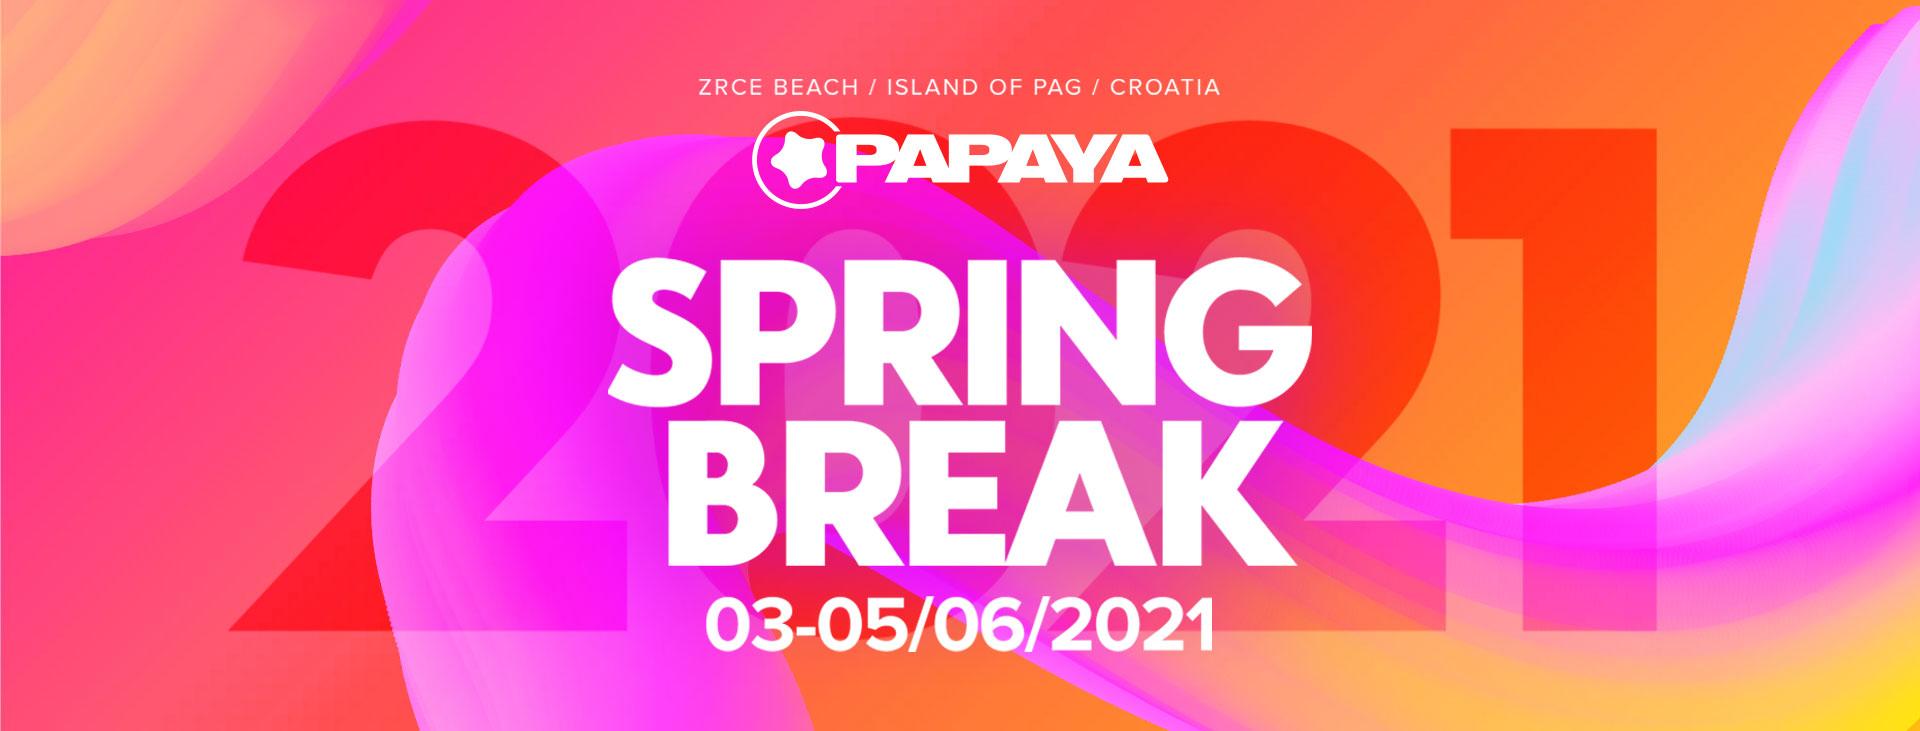 Papaya Spring Break 2021